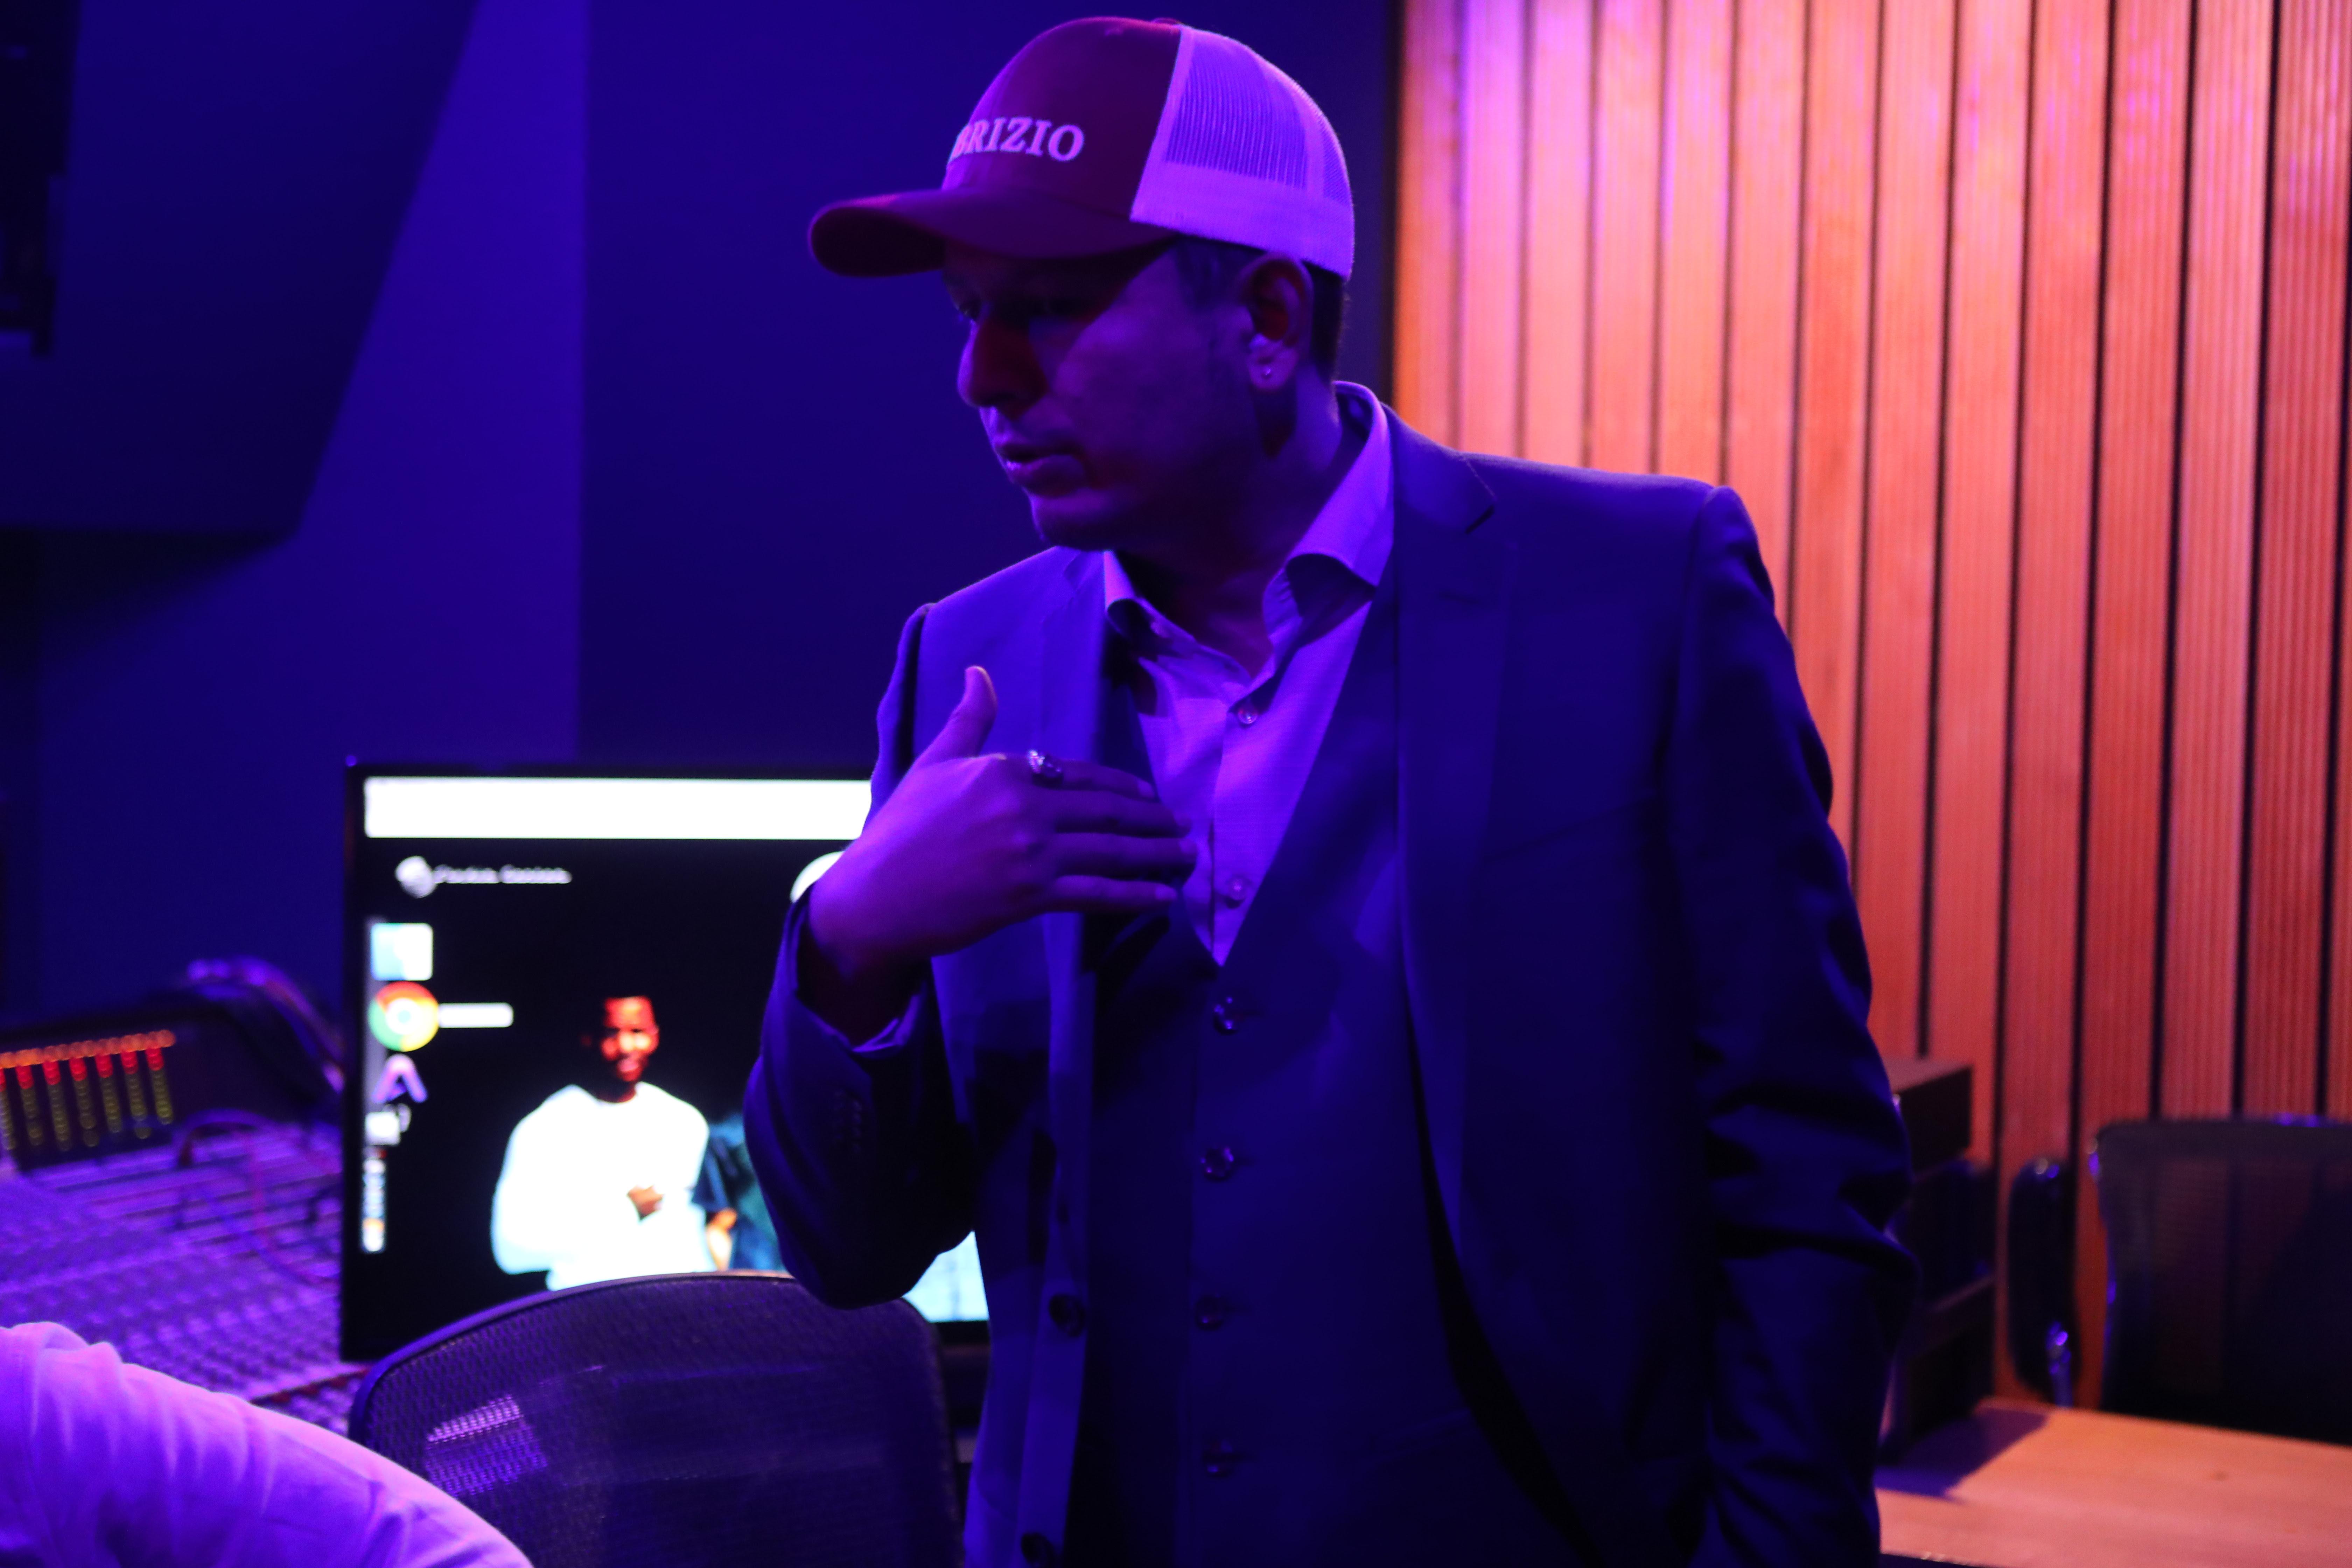 Fabrizio Moreira, el genio detrás de la plataforma Secret Hit Music, llega a Colombia para apoyar nuevo talento loca